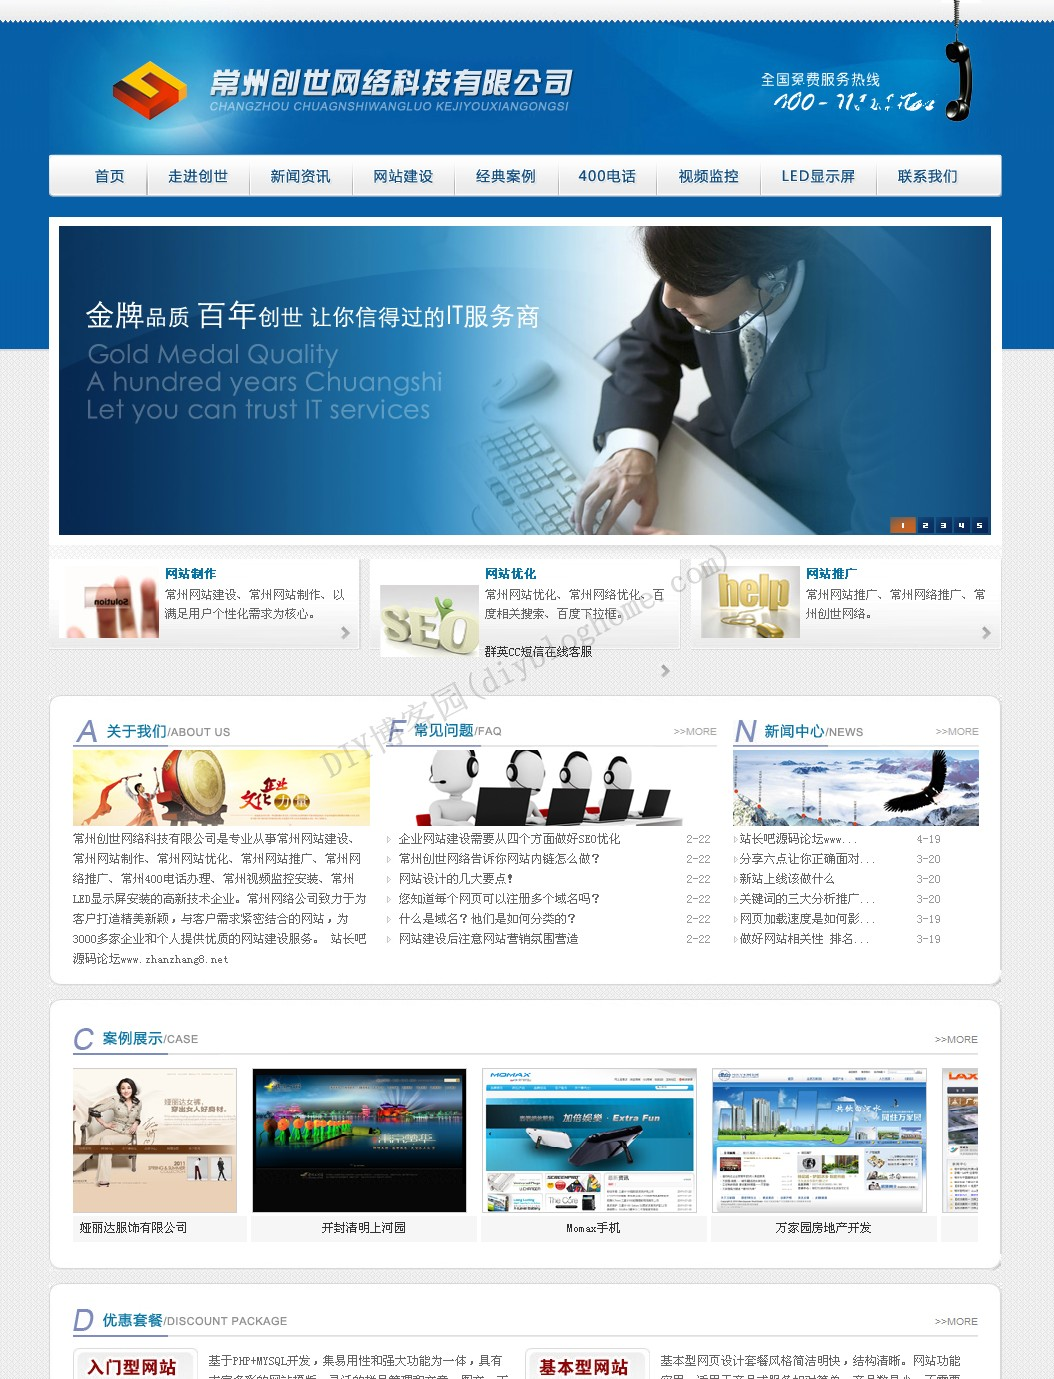 精品蓝色漂亮的网络科技公司asp网站程序